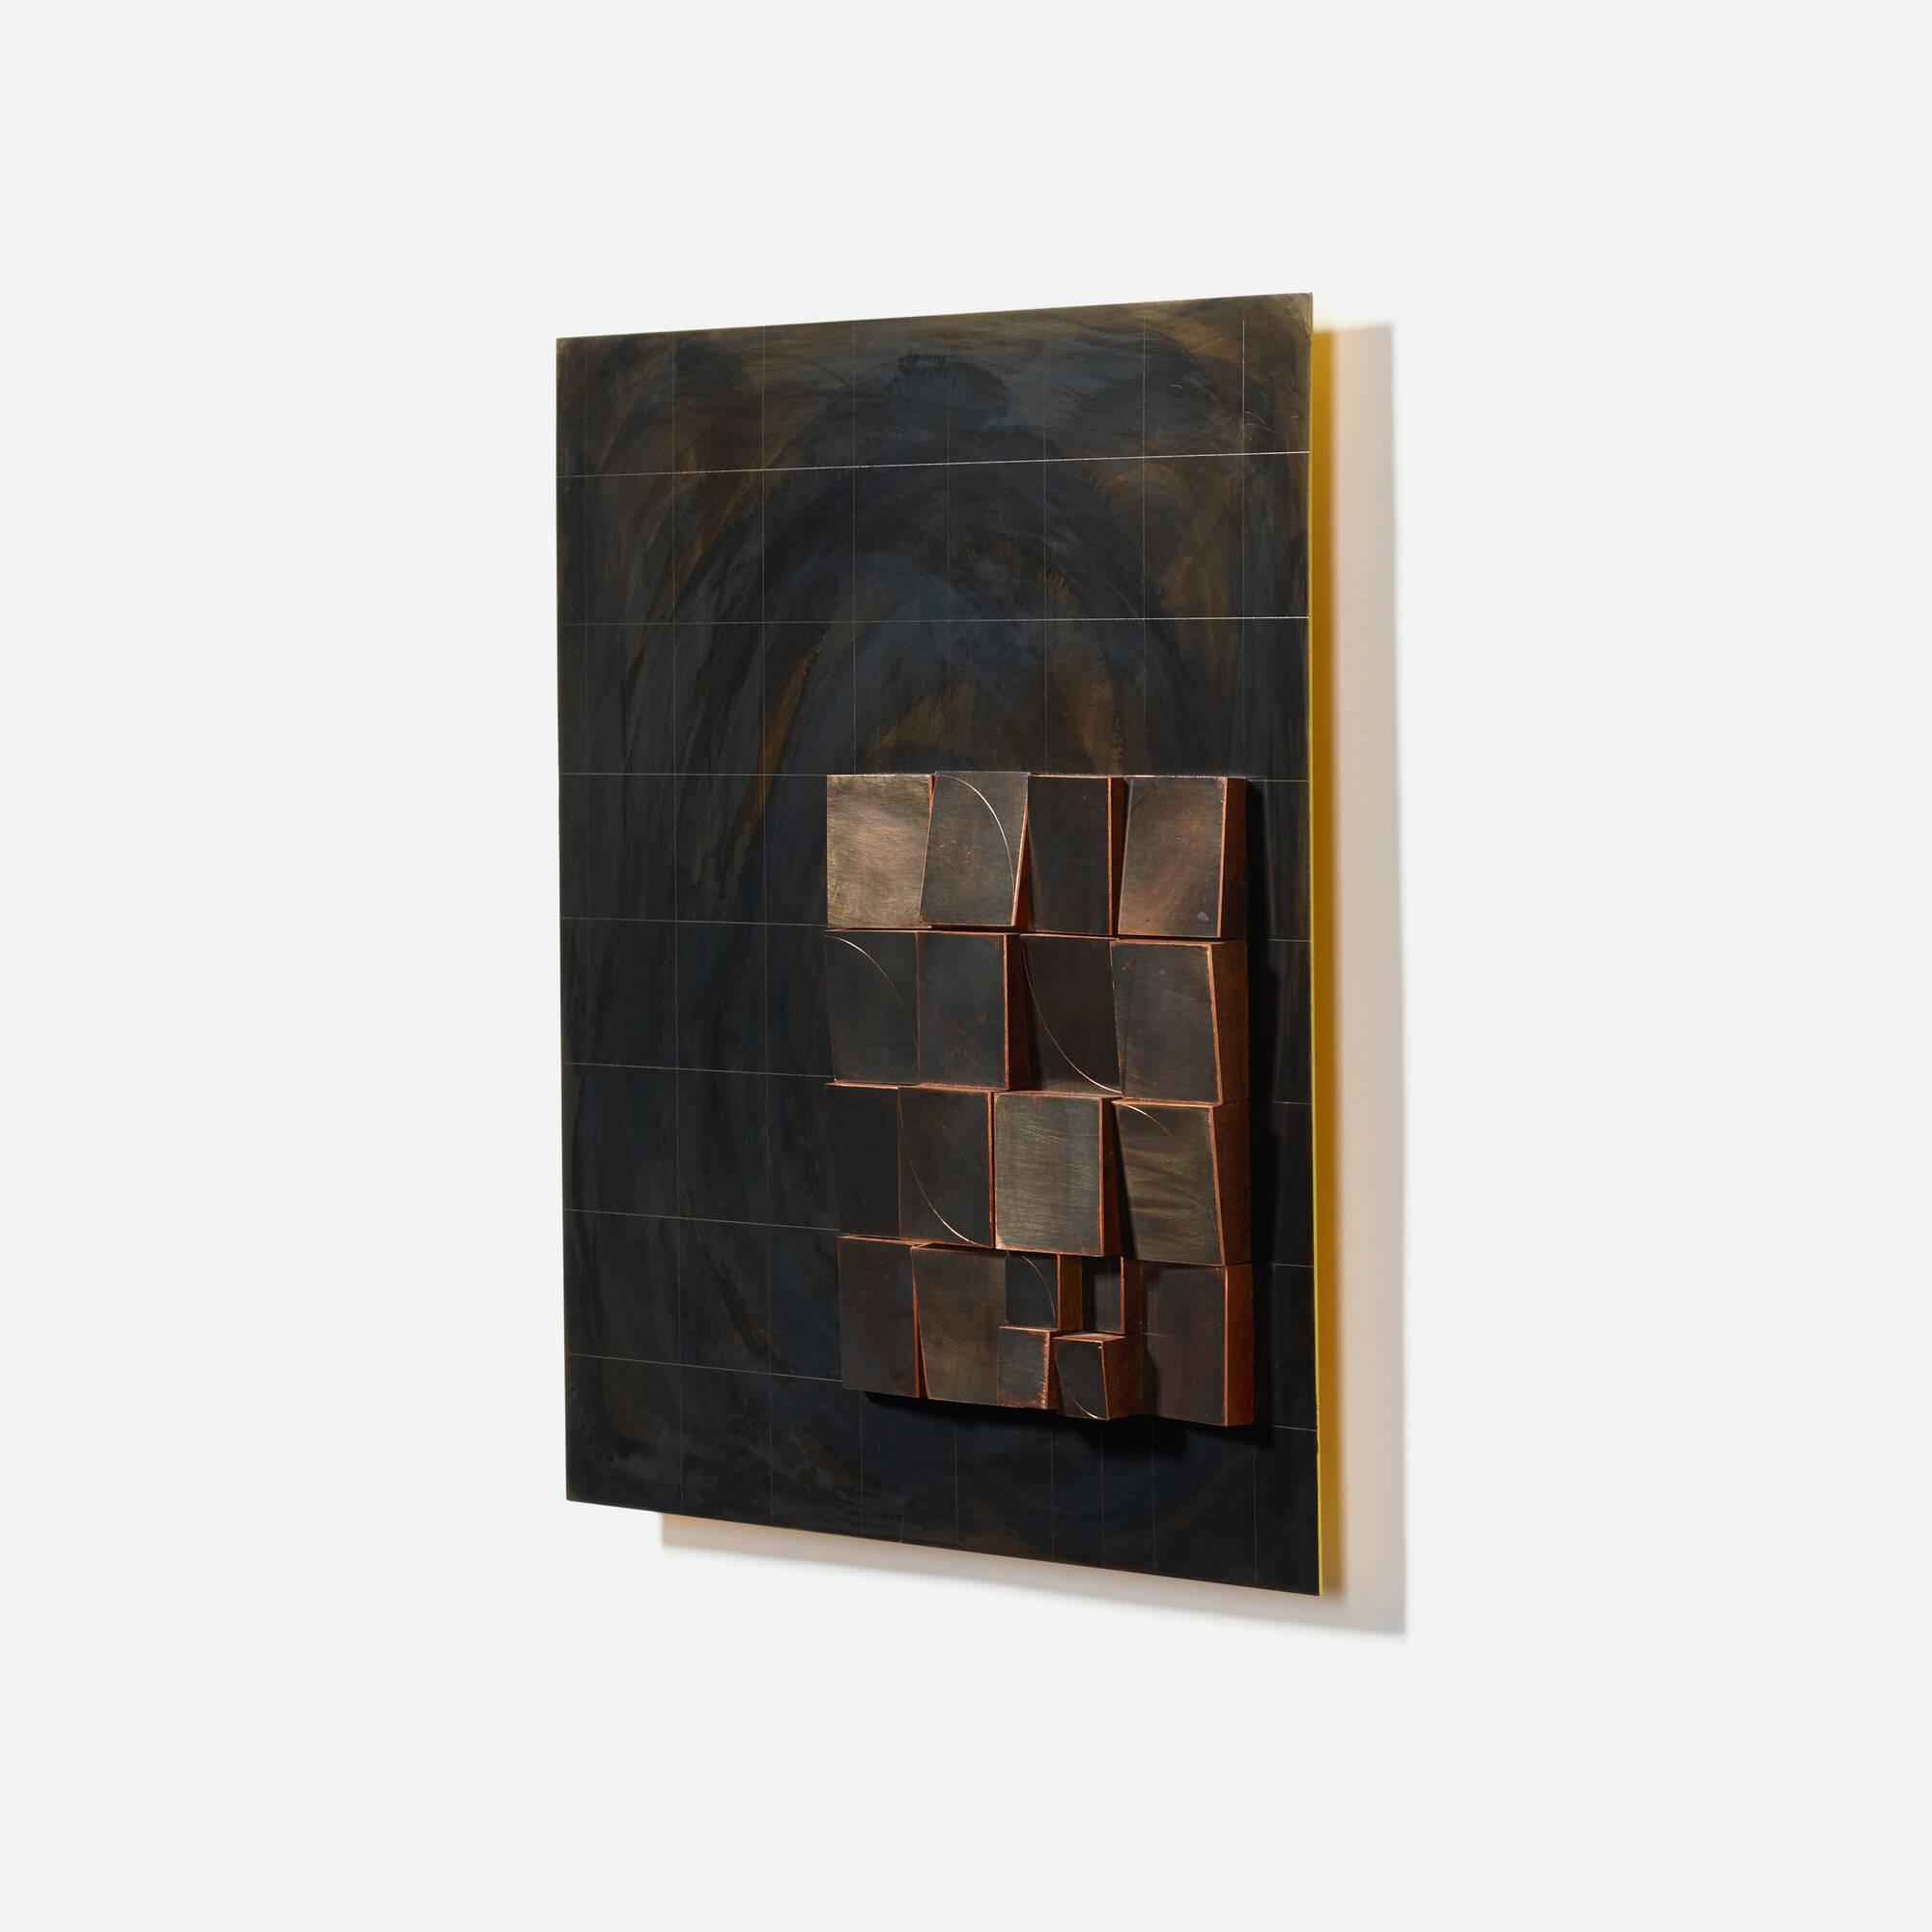 137: David Barr / Gossamer No. 4 (2 of 2)